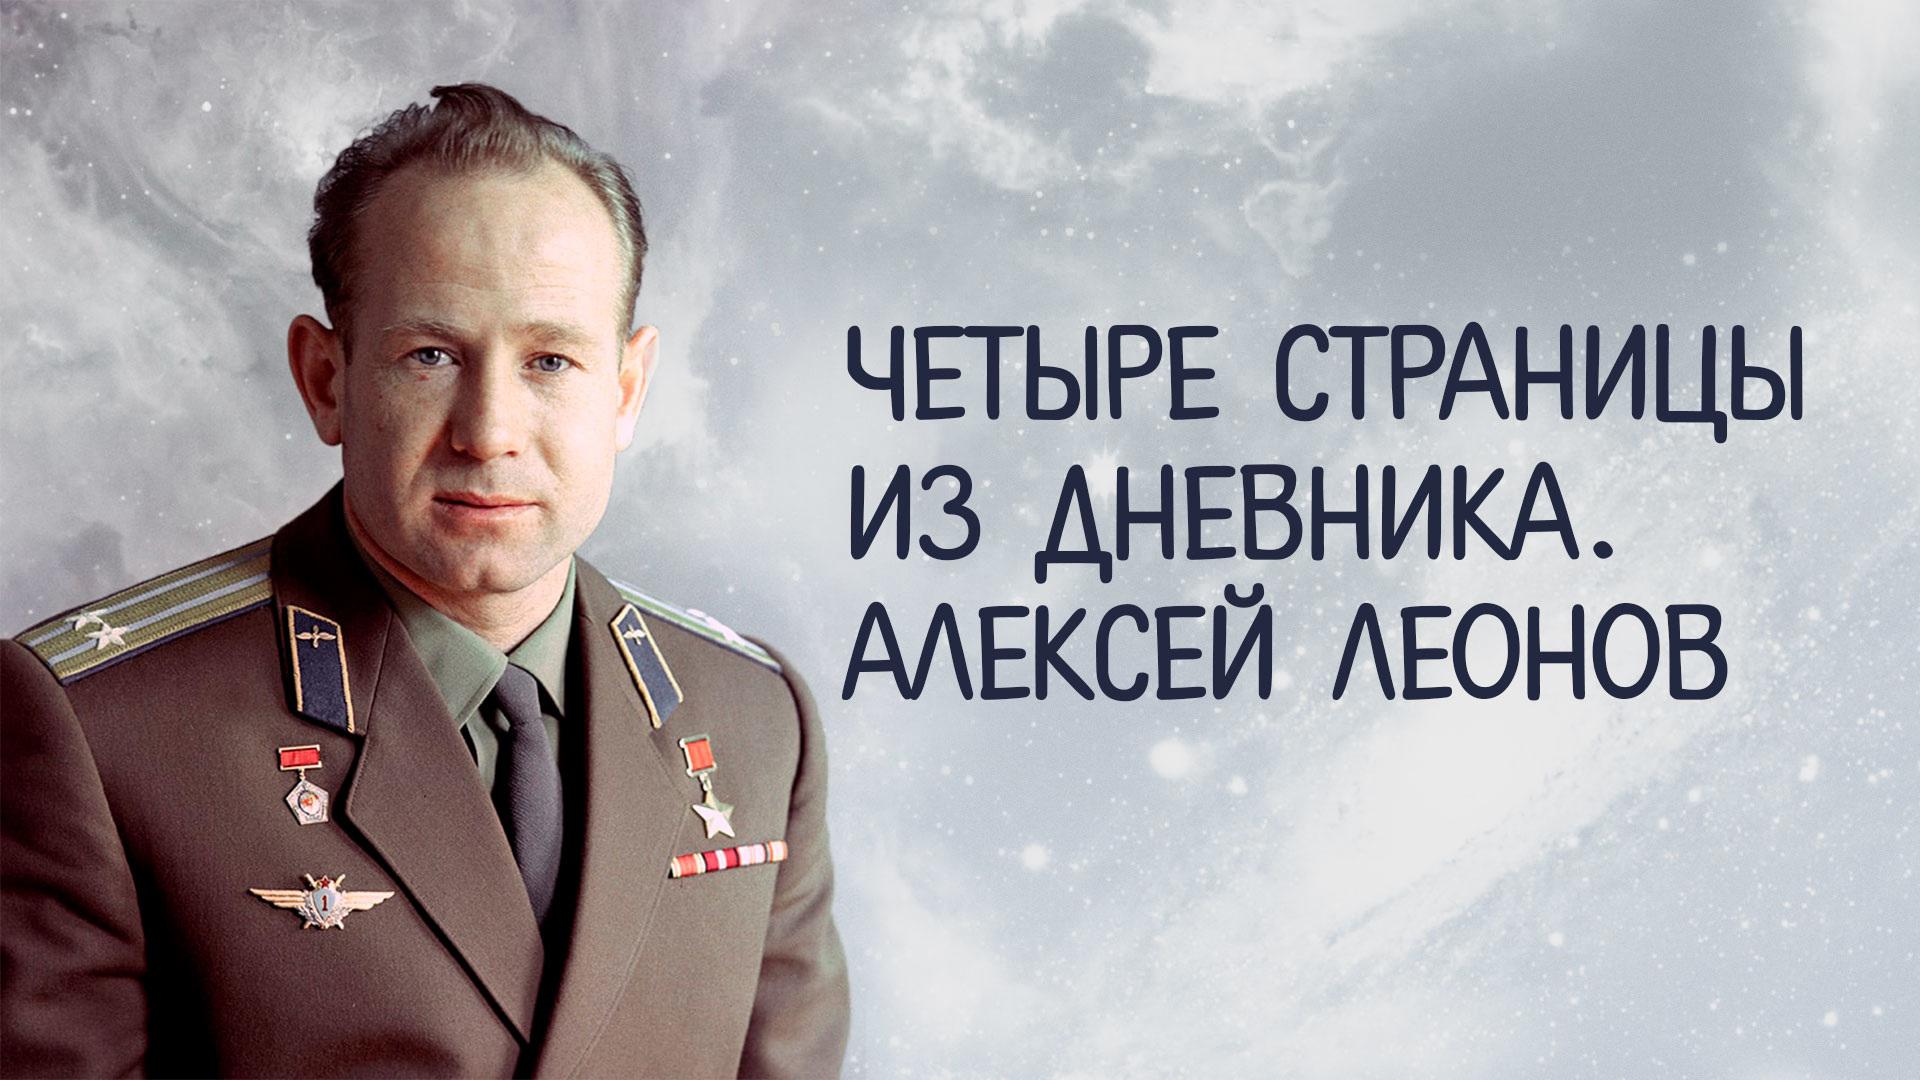 Четыре страницы из дневника. Алексей Леонов